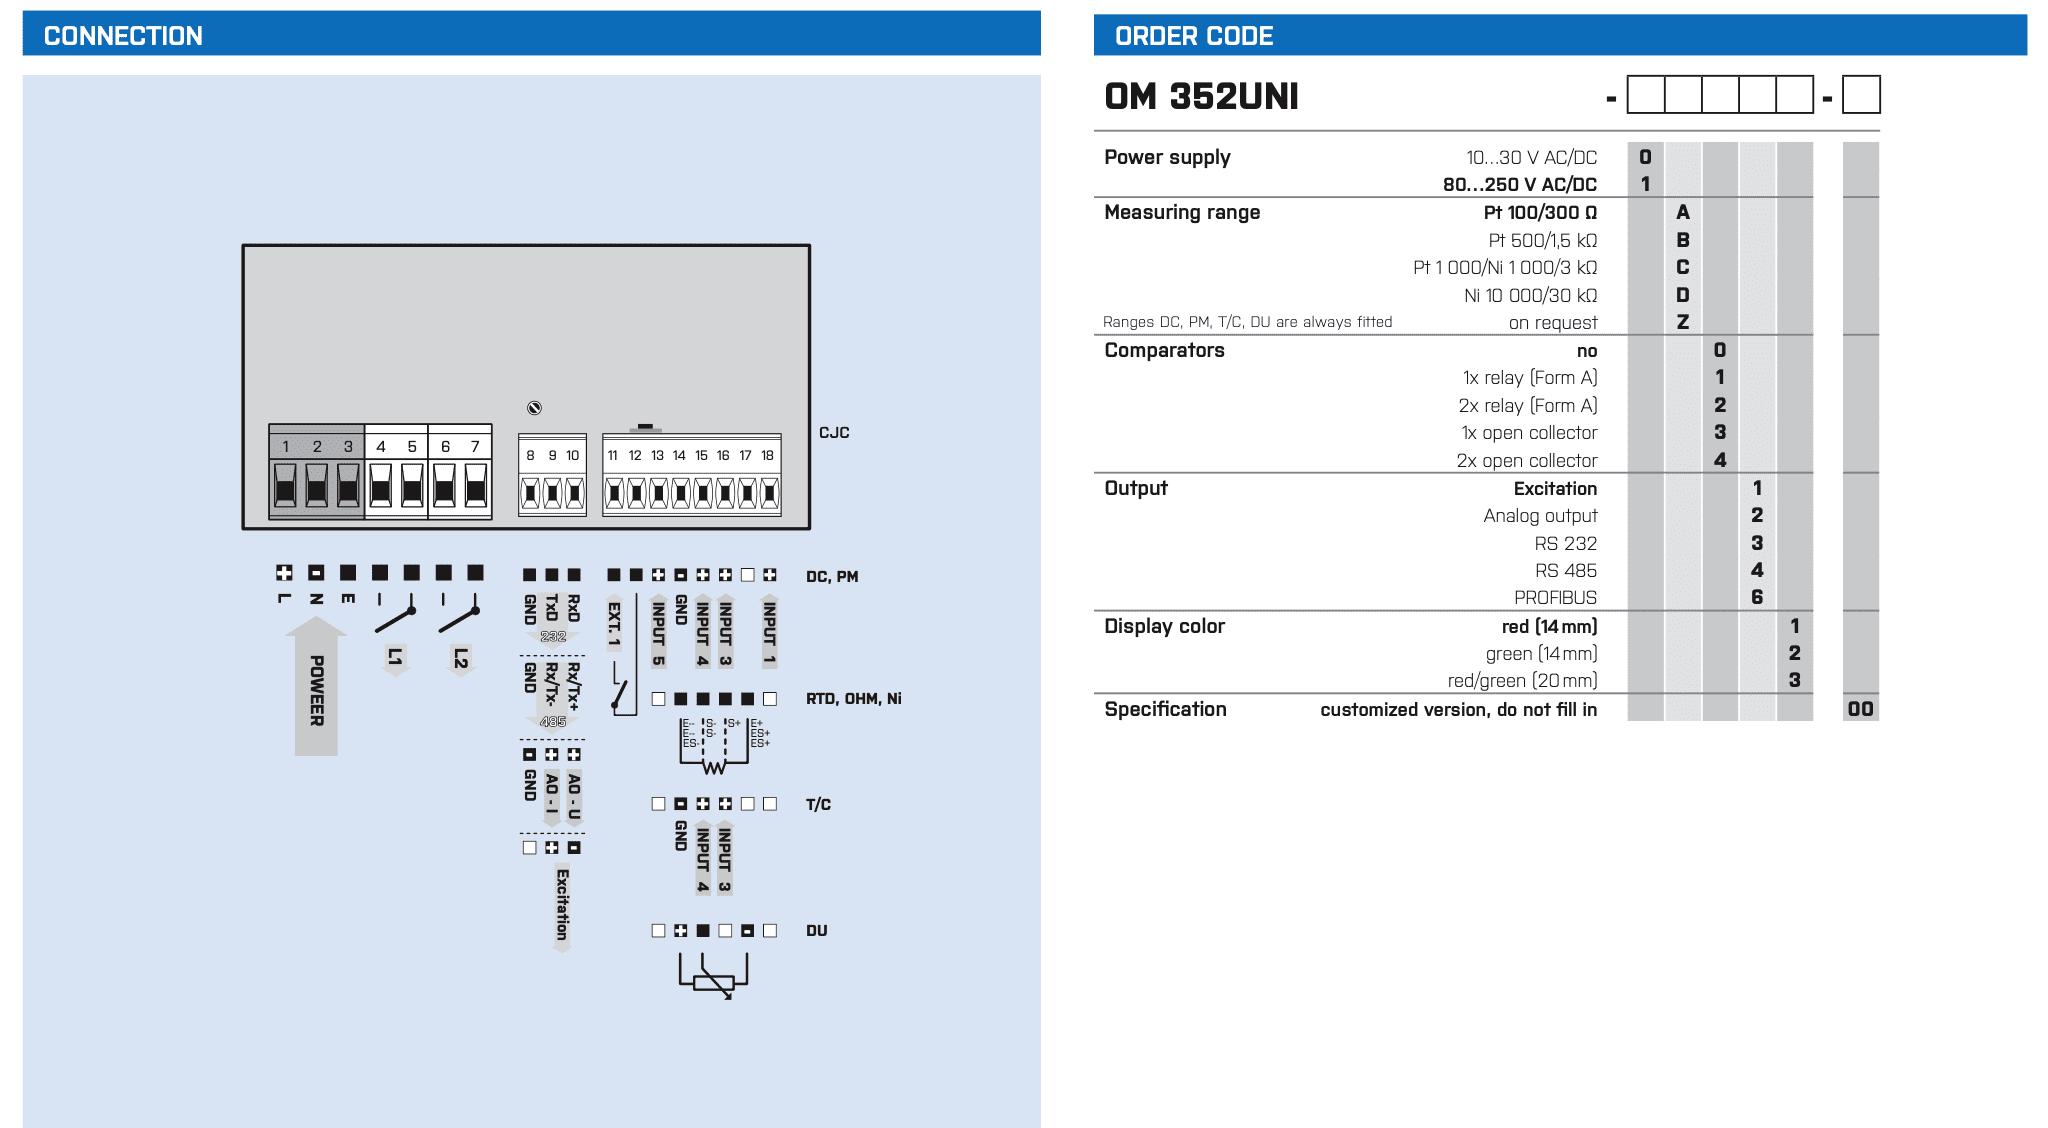 Thông số bộ điều khiển OM352UNI